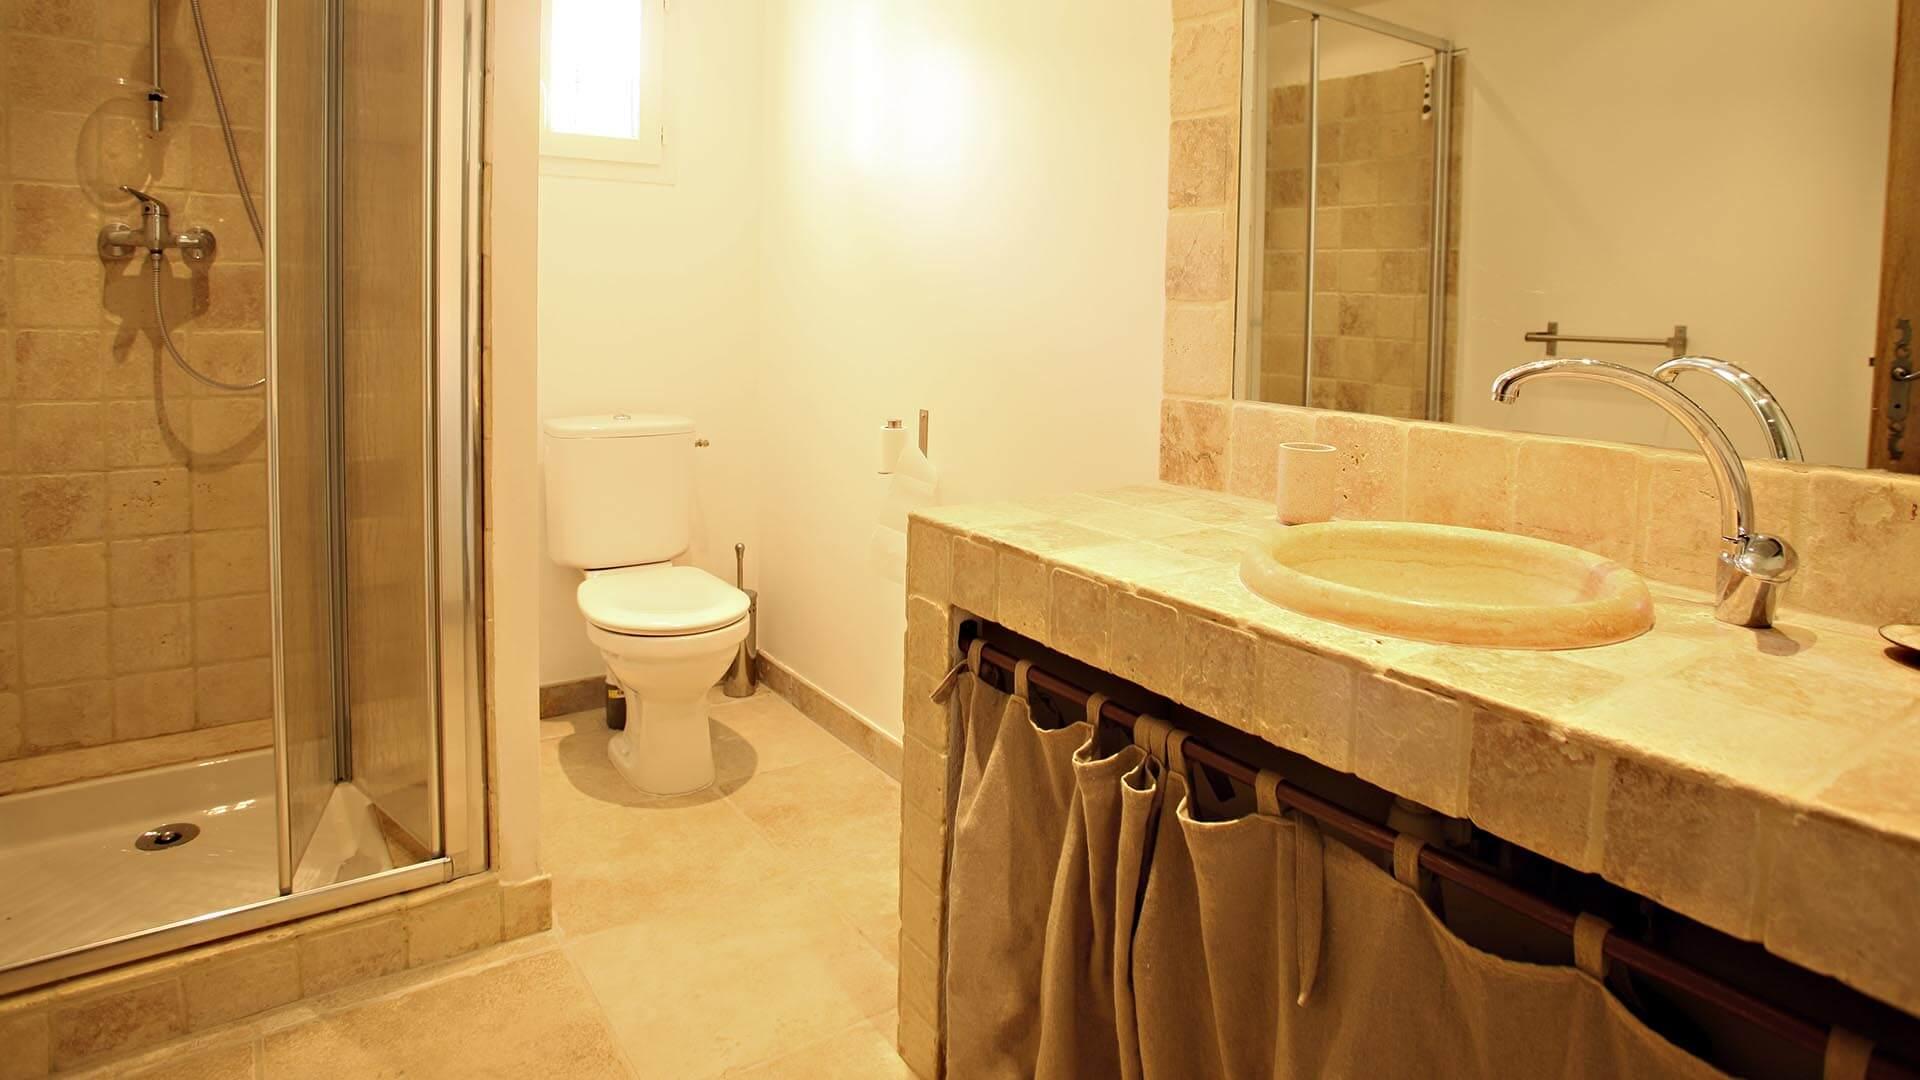 Location vacances Provence | Villa le mûrier blanc | Salle de bain avec douche et toilettes